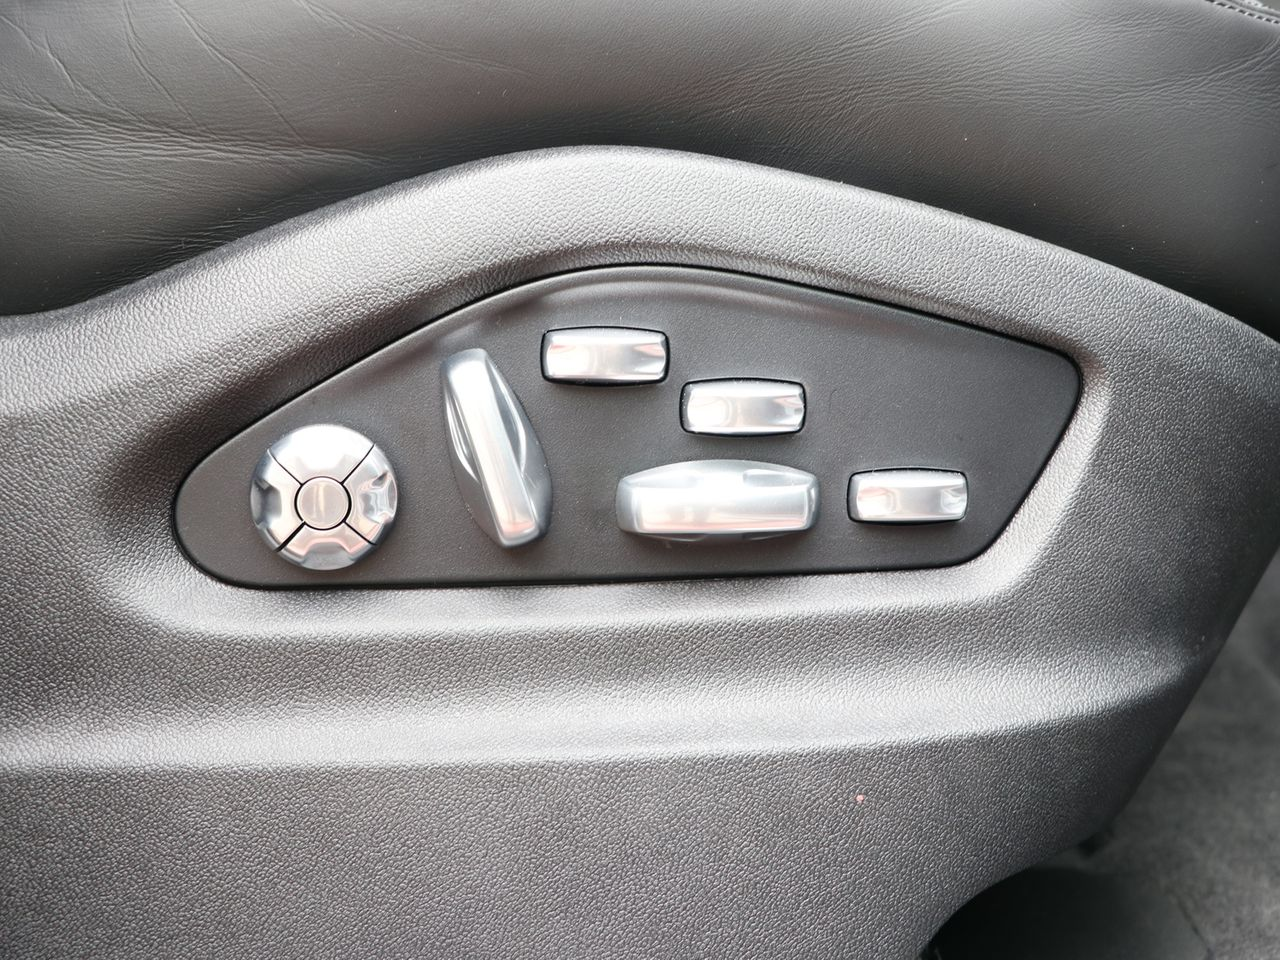 Cayenne V6 S TIPTRONIC (33) image 22